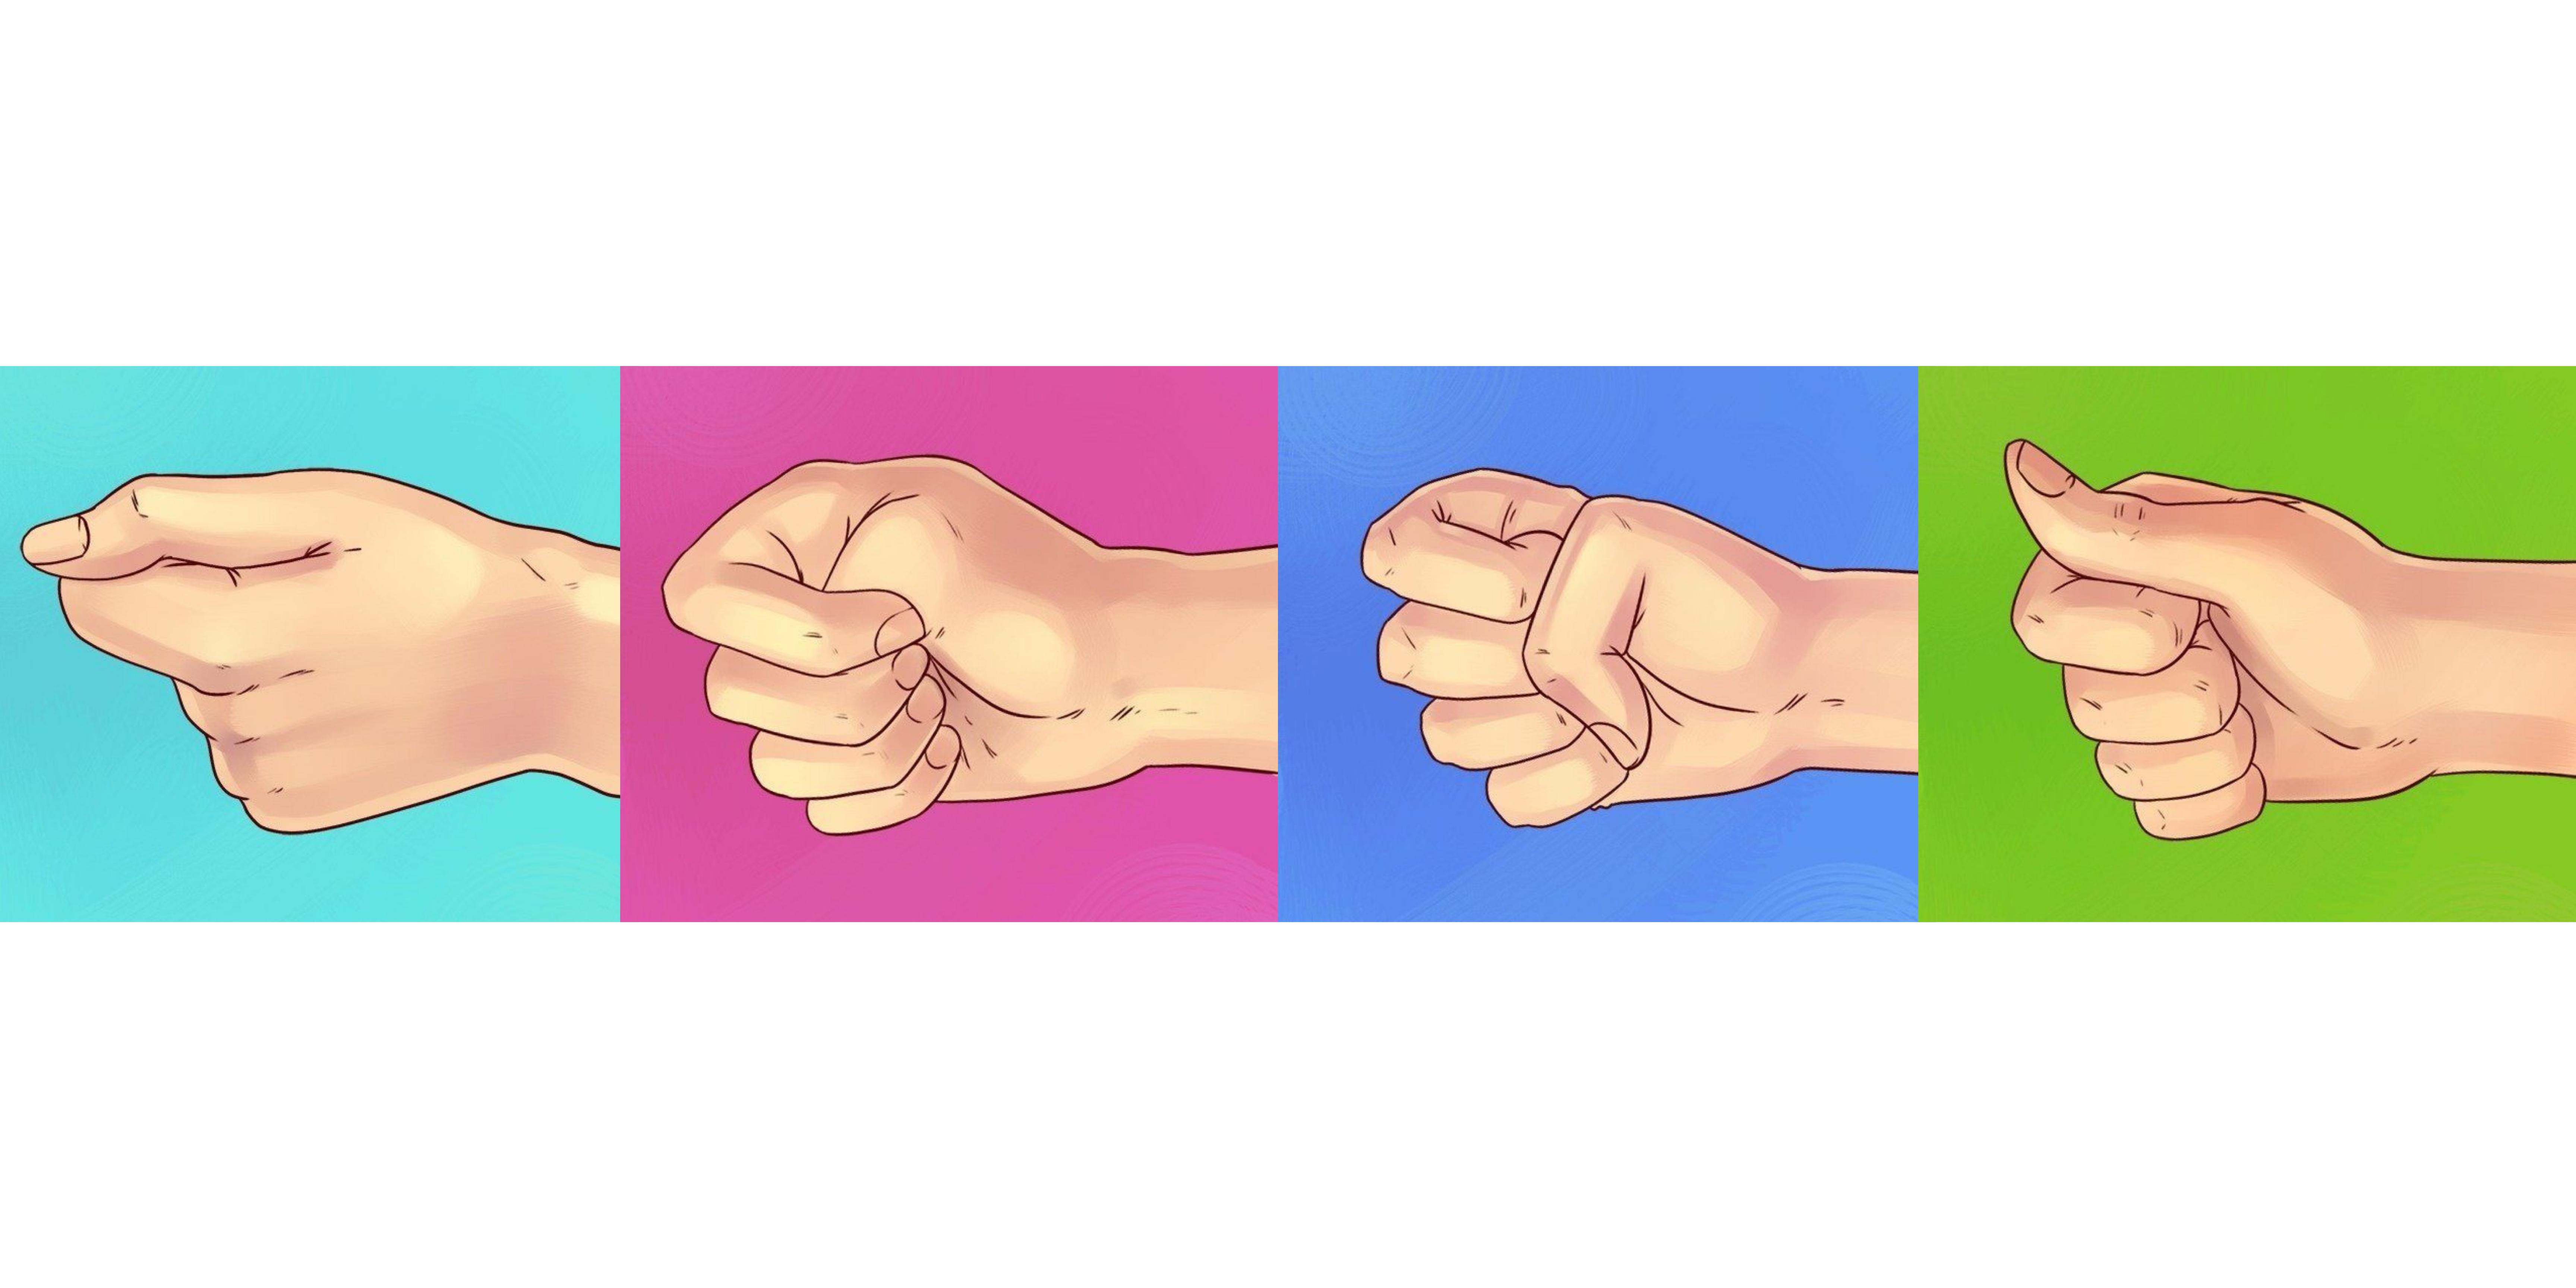 Cách nắm tay tiết lộ điều gì về tính cách và con người bạn?